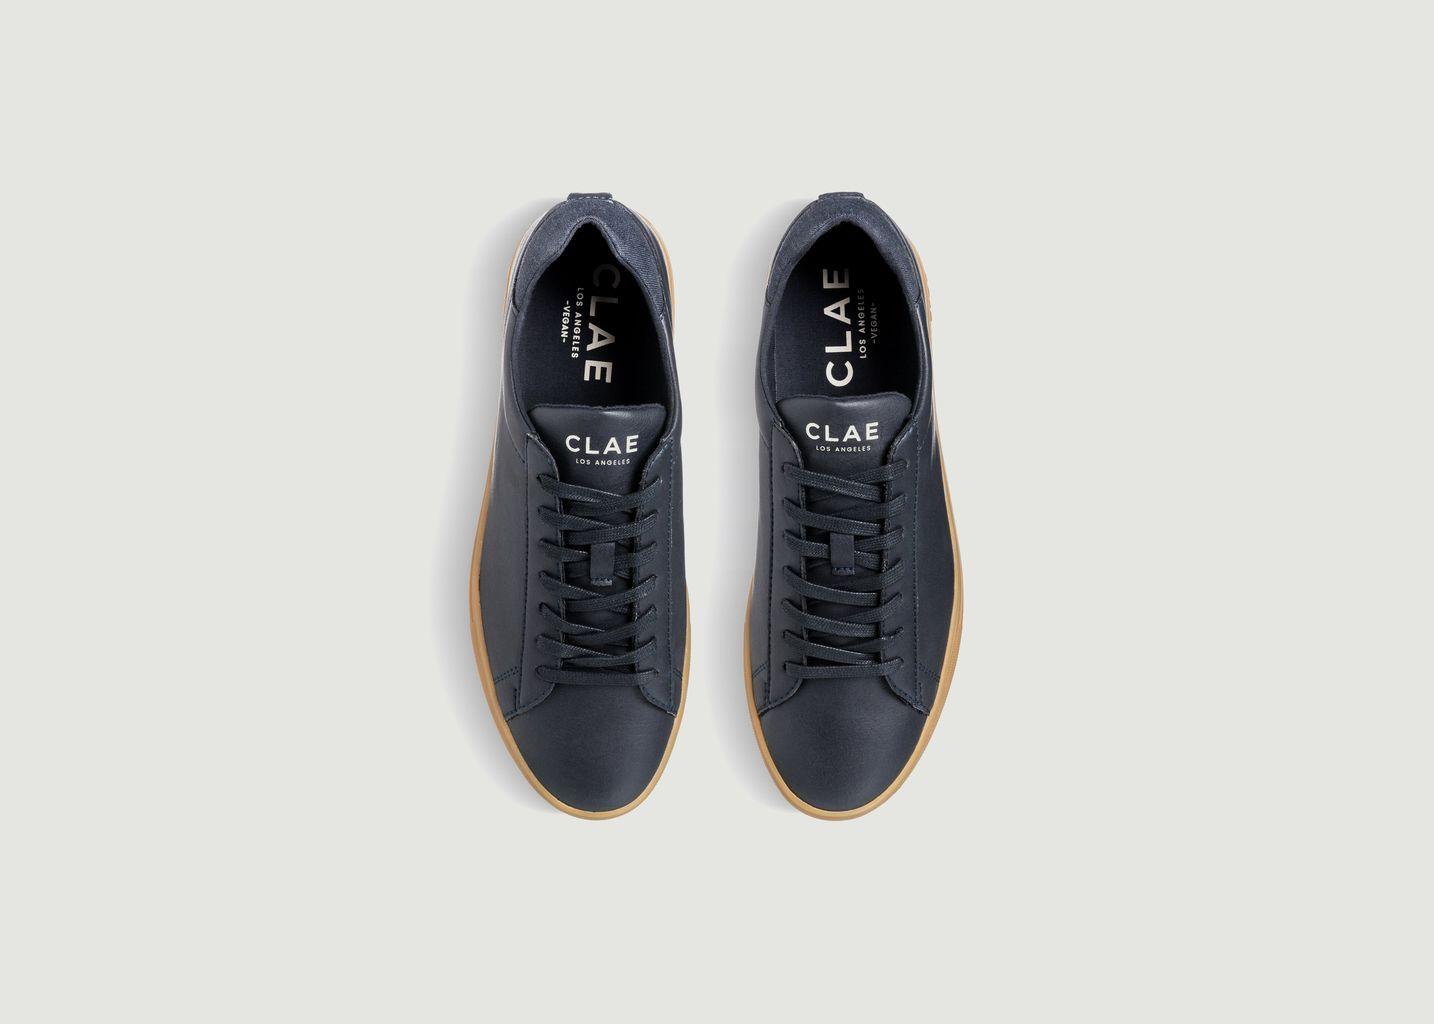 Sneakers Vegan Bradley  - Clae